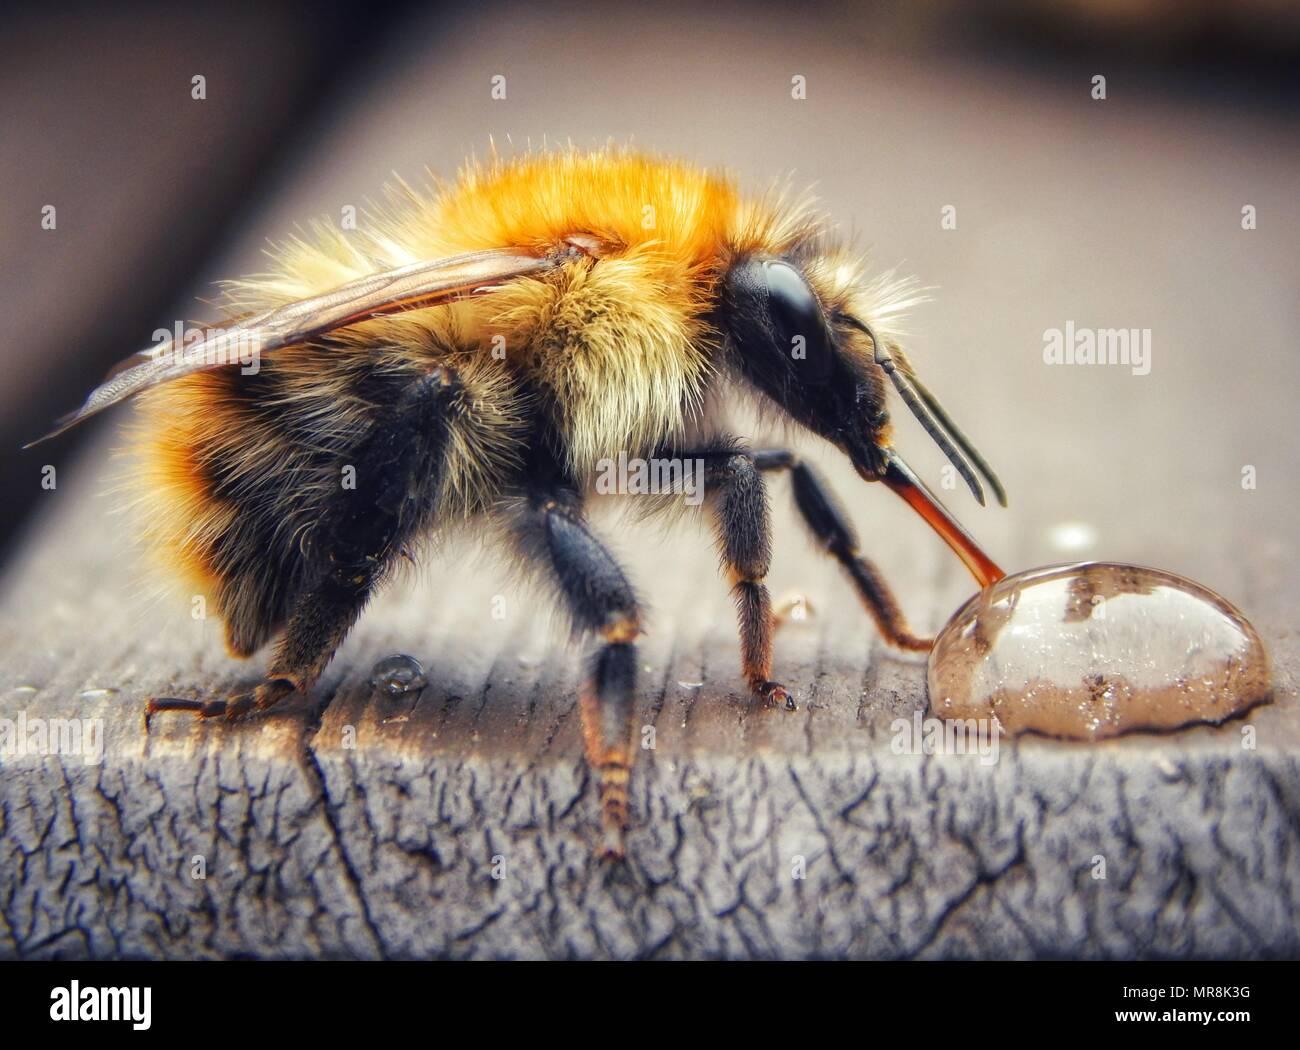 Carde commun bee de boire une goutte d'eau sucrée close up Banque D'Images